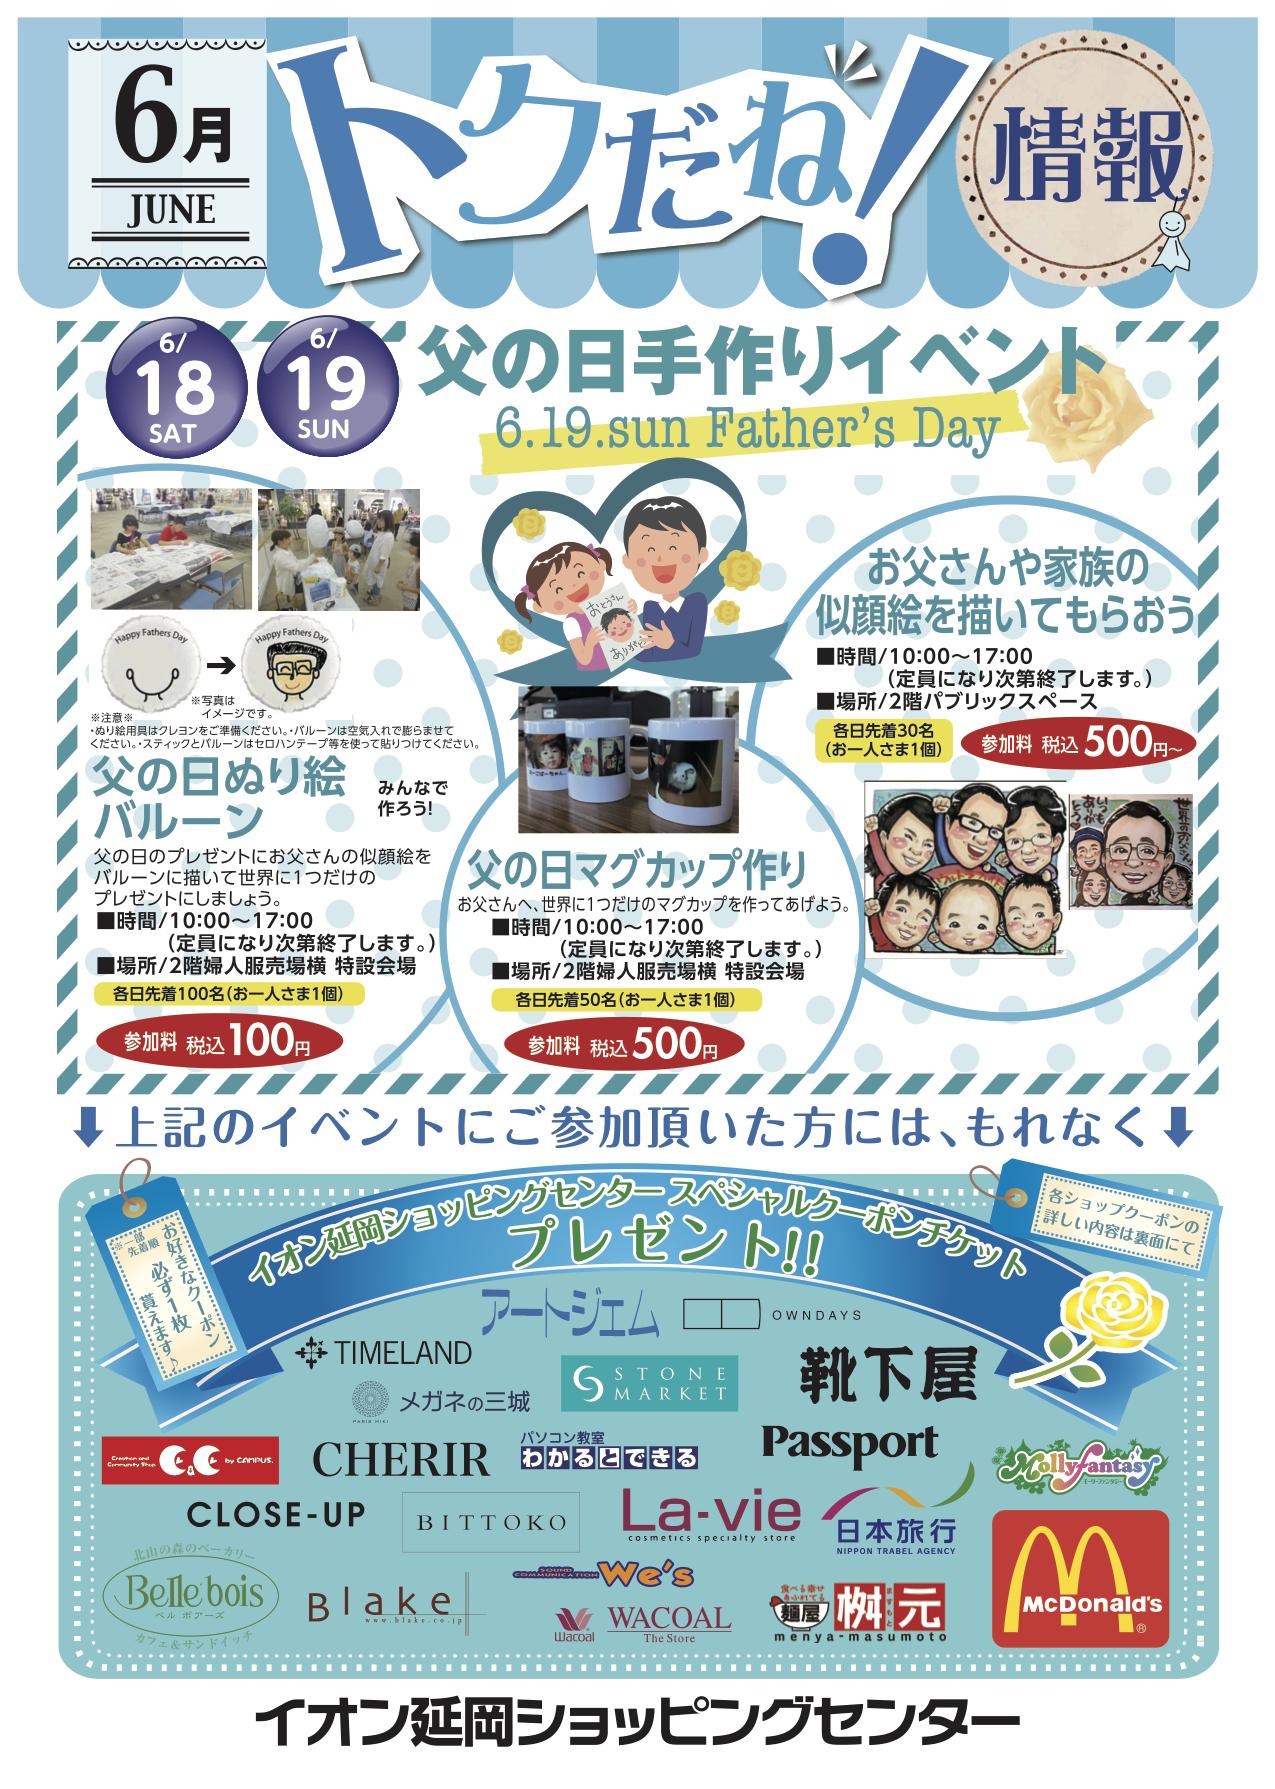 イオン延岡SC  父の日手作りイベント開催!